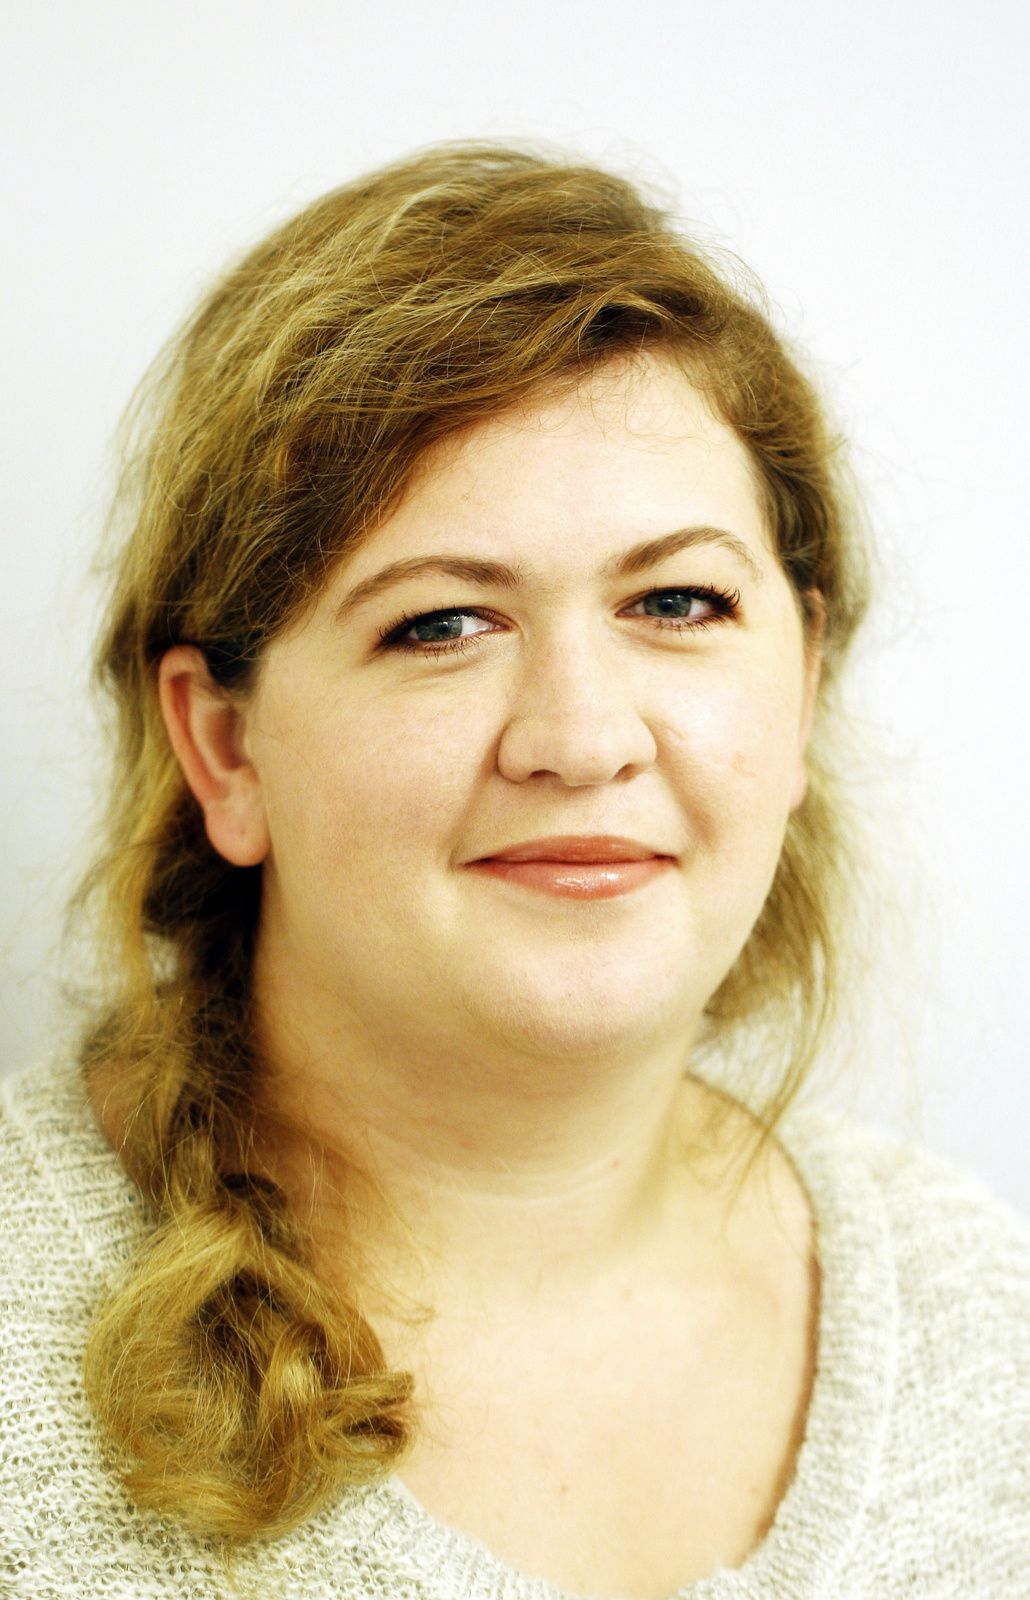 Formation accélérée maquillage école Candice Mack Strasbourg teint demoisailesfaitdesrevues.over-blog.com